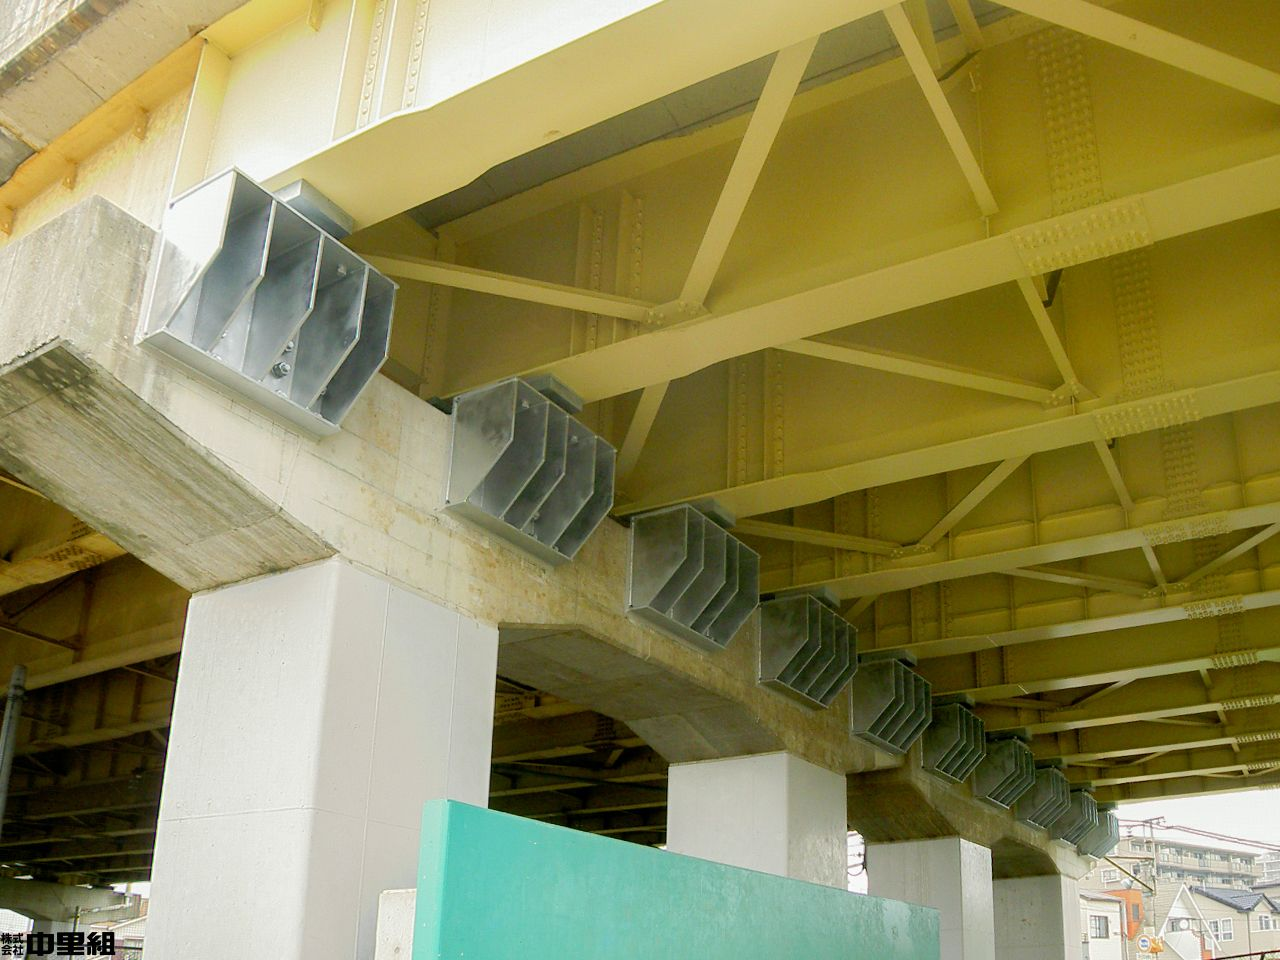 川越線高架橋の写真